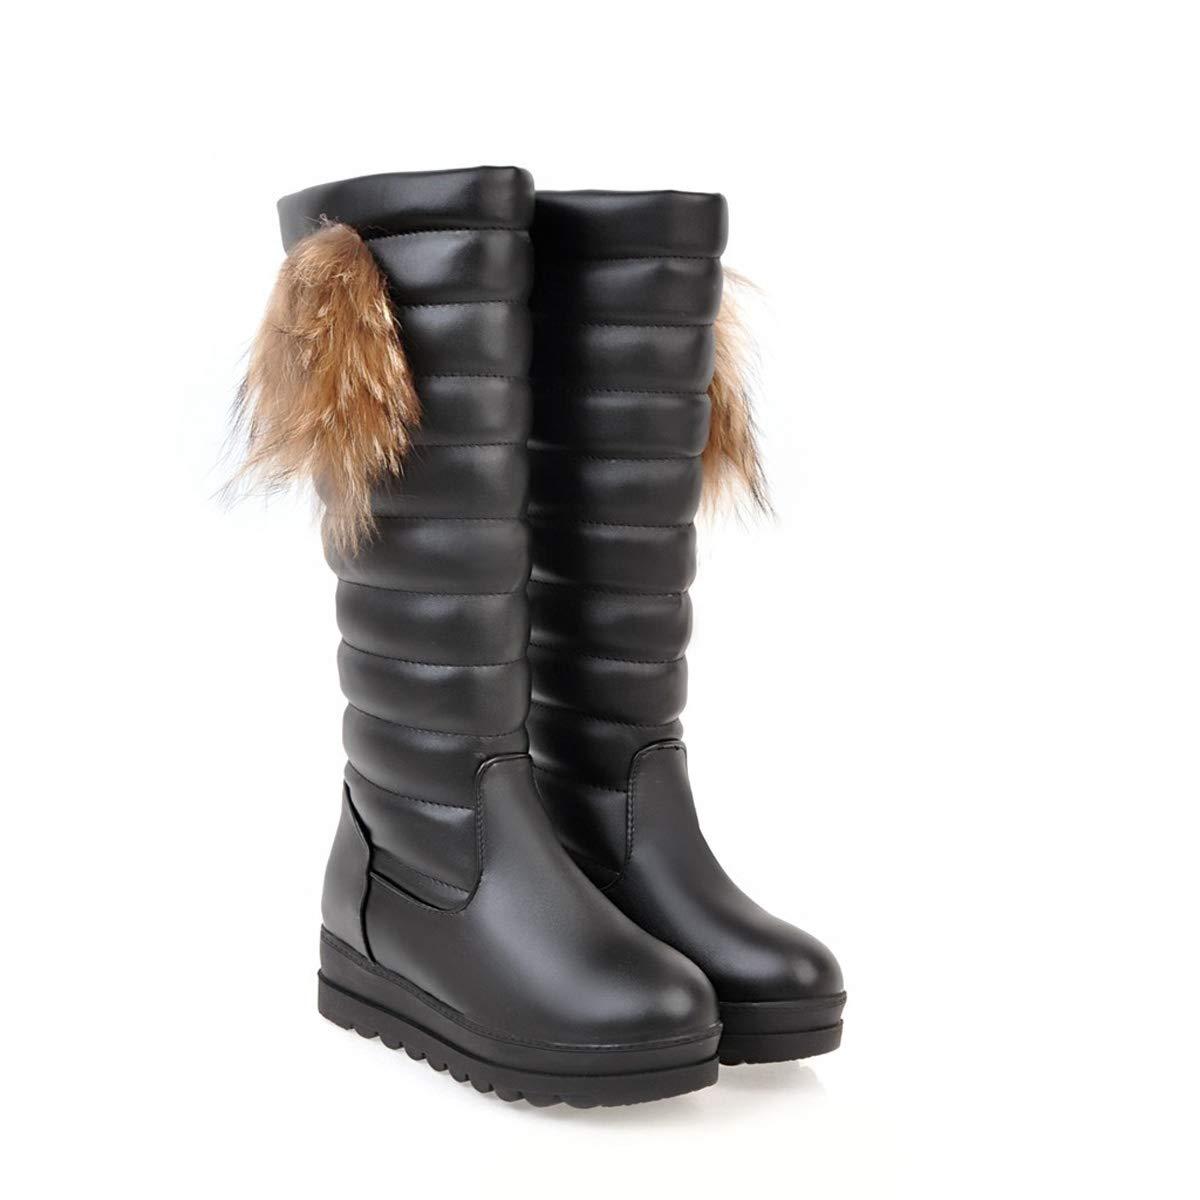 33837a27bb749 Damen Schnee Stiefel Winter Warm Quaste Plattform der Wade Stiefel ...